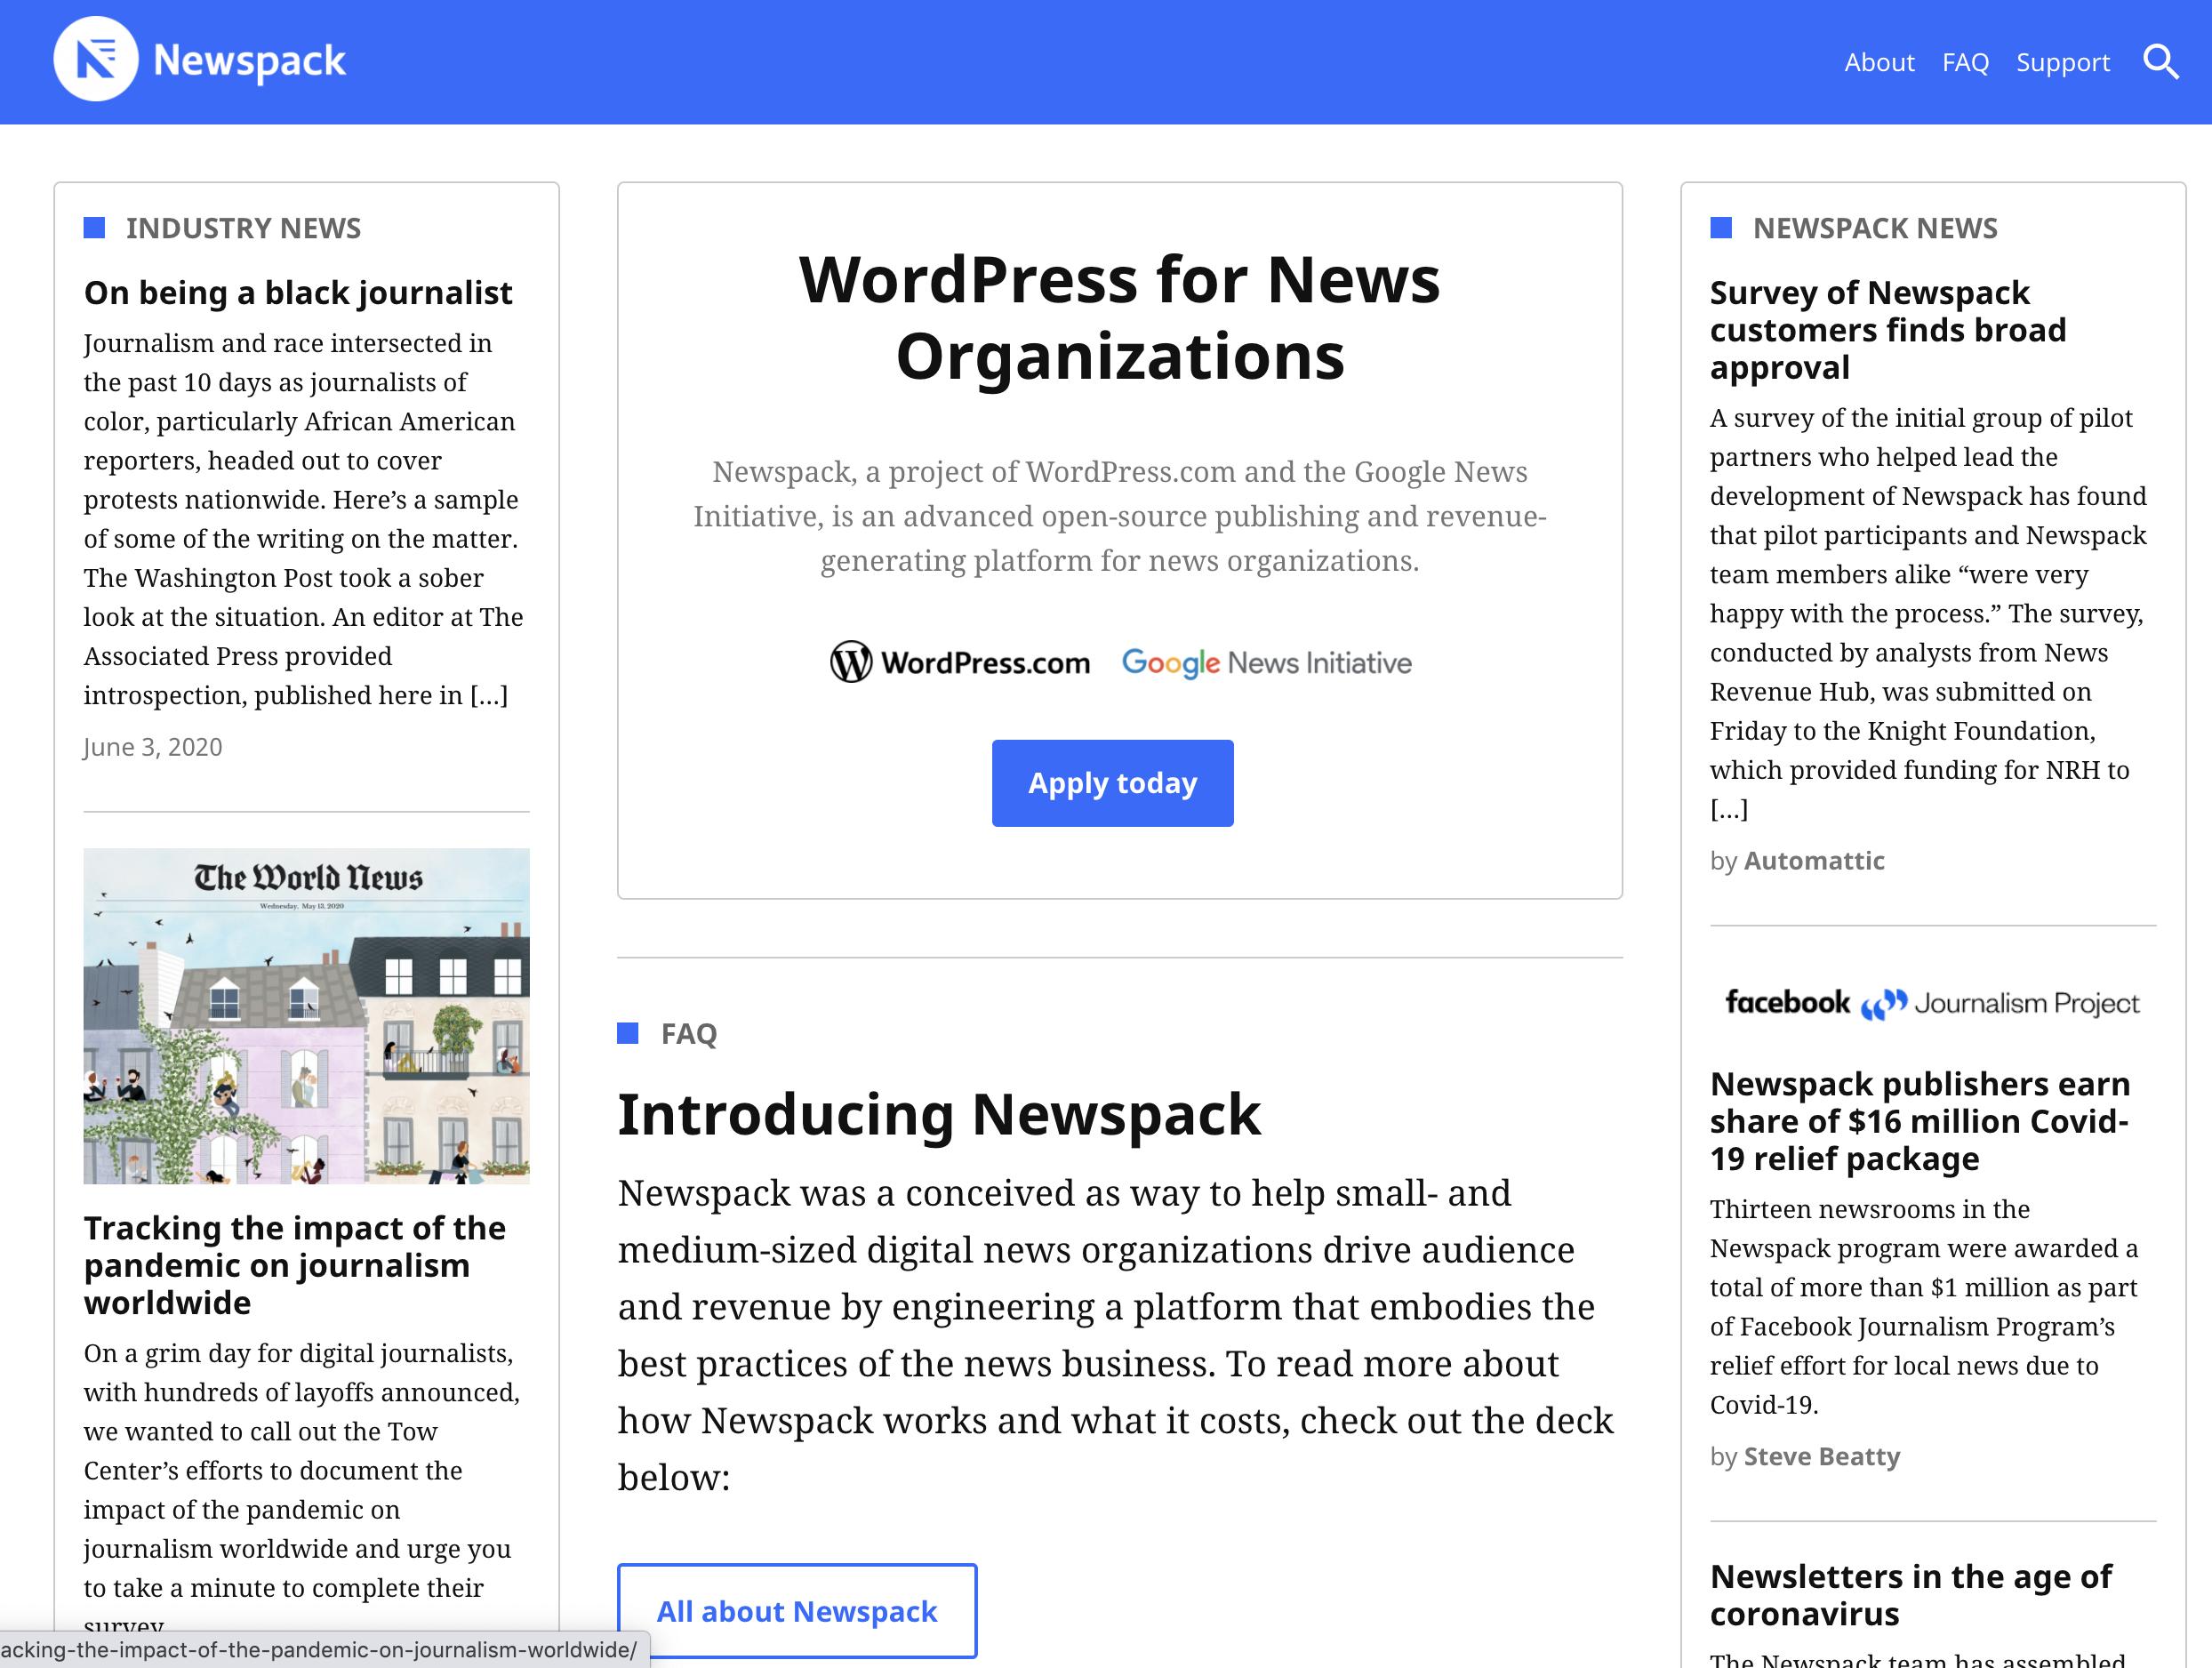 簡単にメディアを作り、収益化も可能になるプラットフォーム【Newspack】